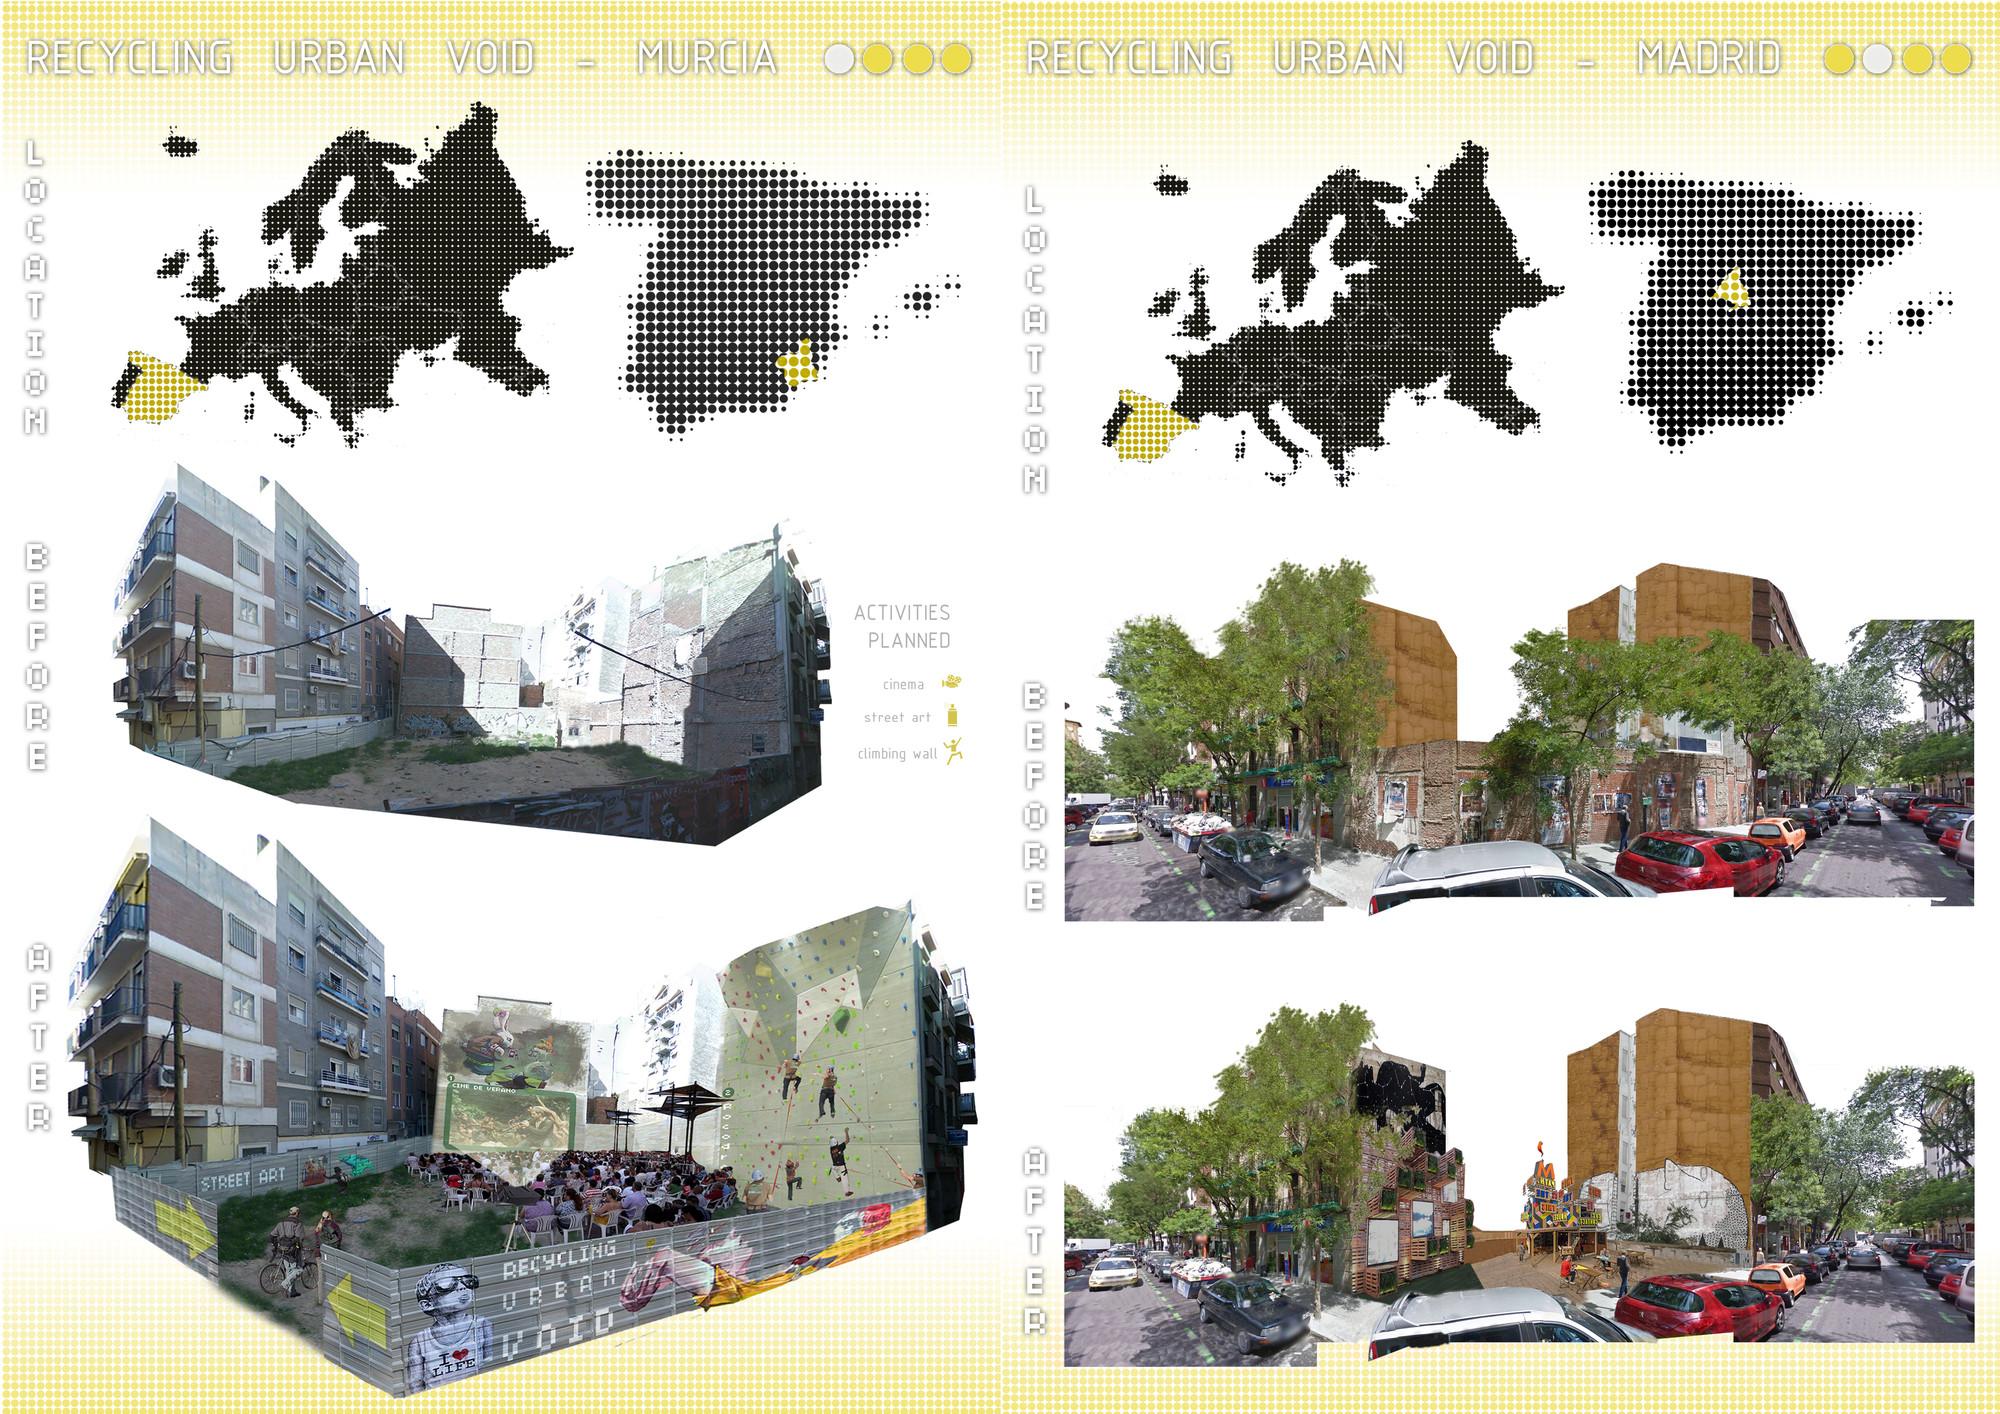 Lámina 03. Image Courtesy of Aula de Arquitectura Social AAS UCAM